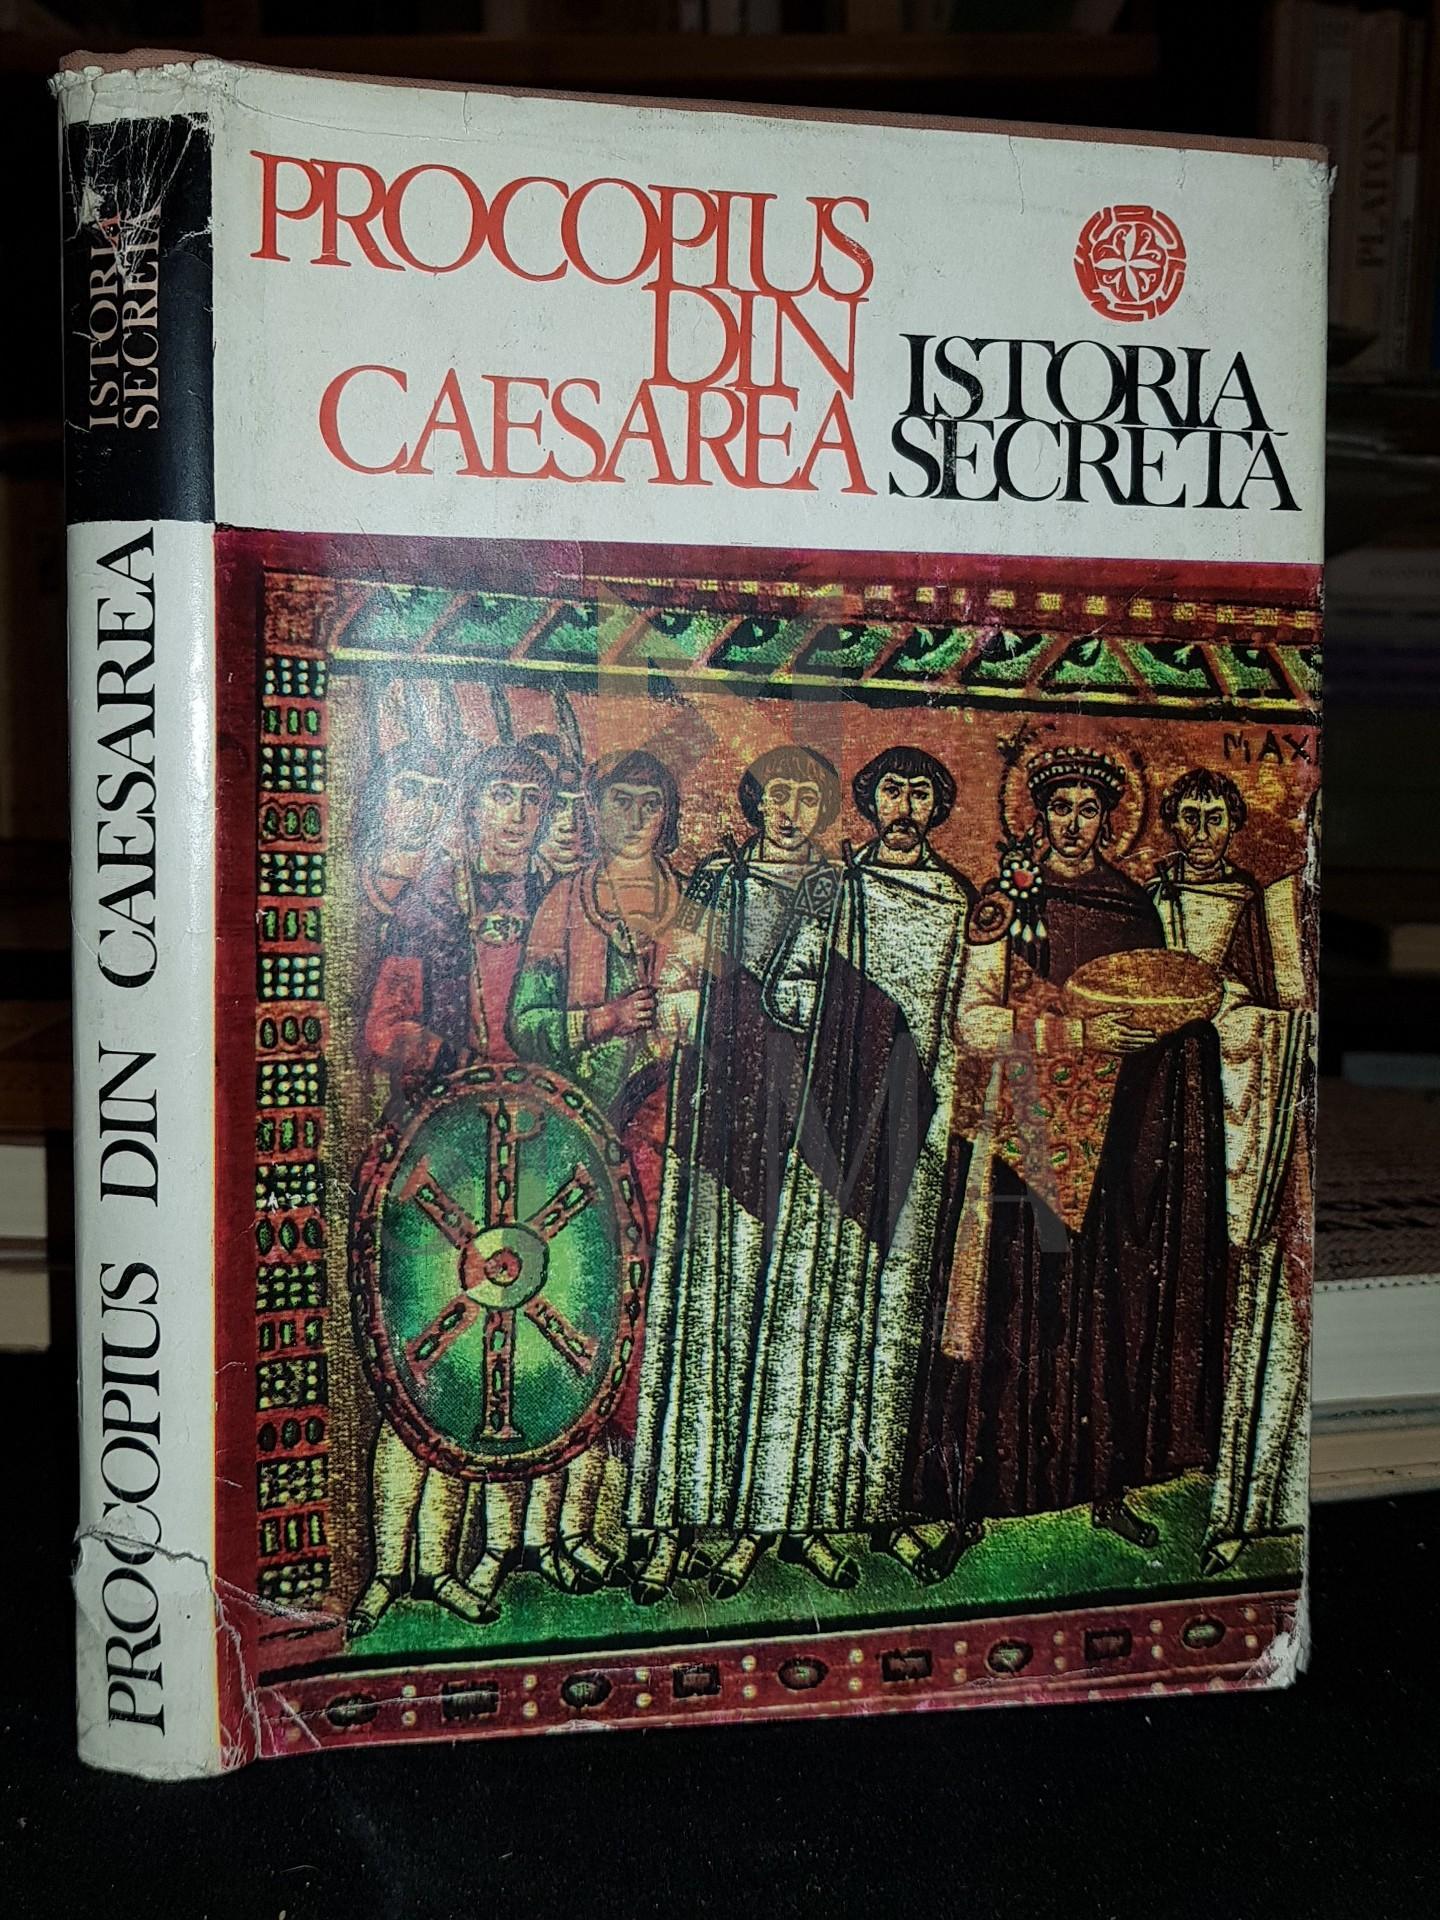 PROCOPIUS DIN CAESAREA